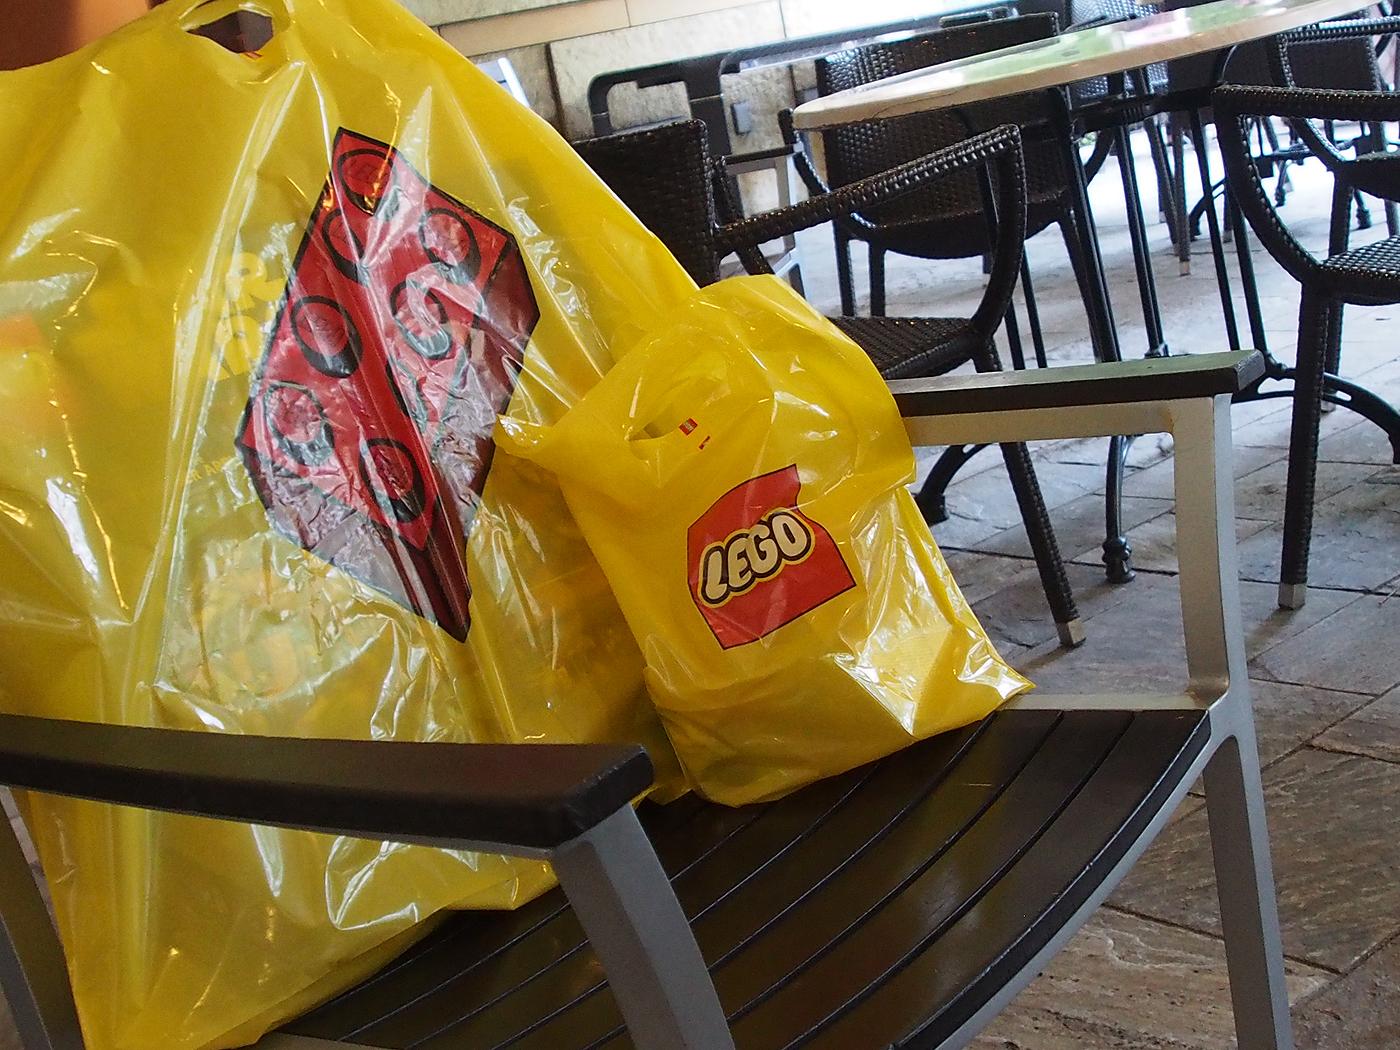 レゴの袋、六本木ヒルズのカフェ